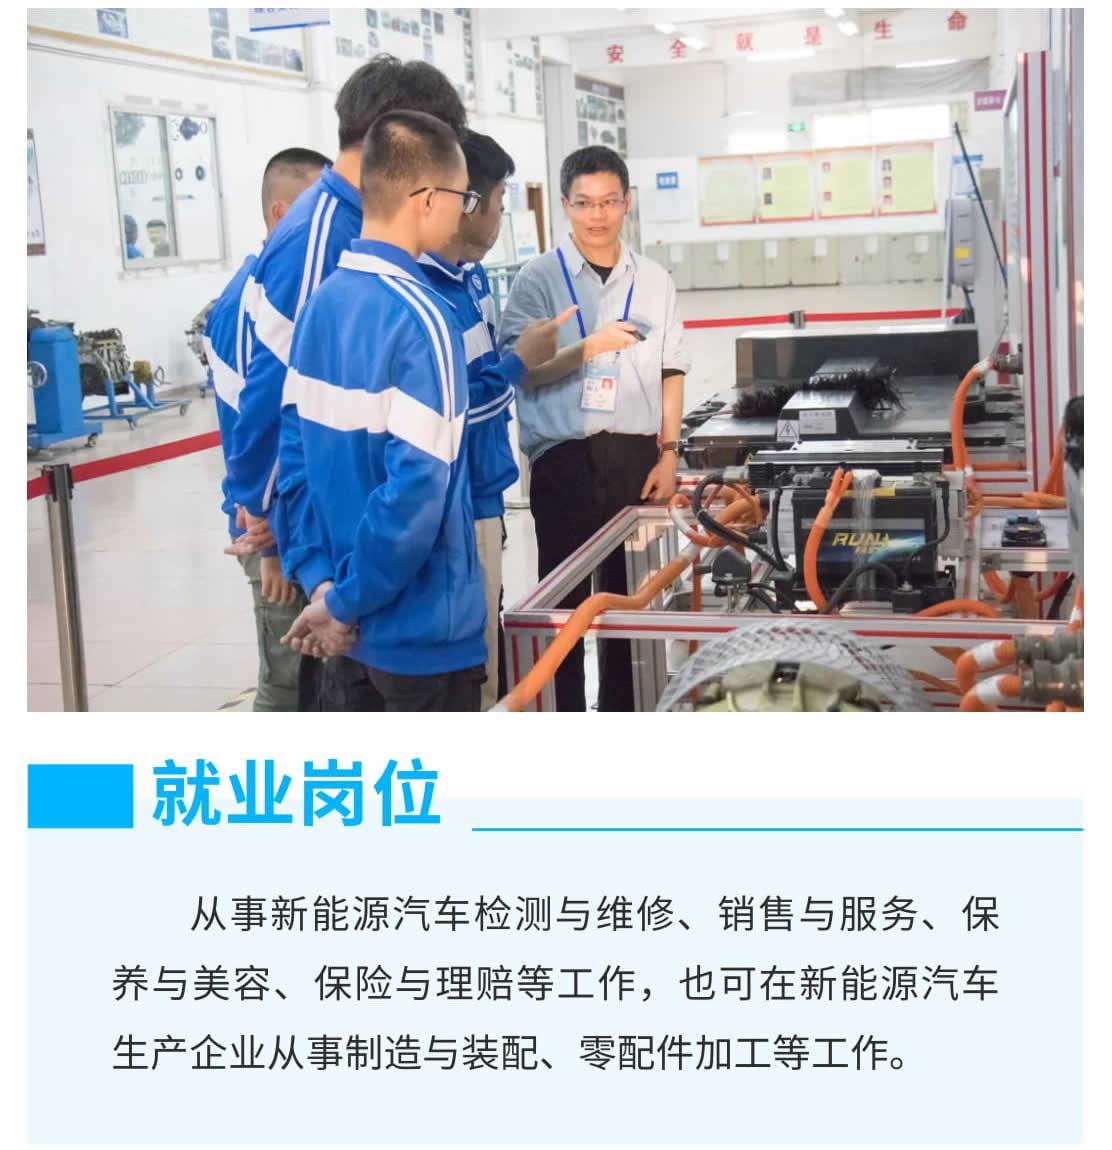 专业介绍 _ 新能源汽车检测与维修(高中起点三年制)-1_r3_c1.jpg